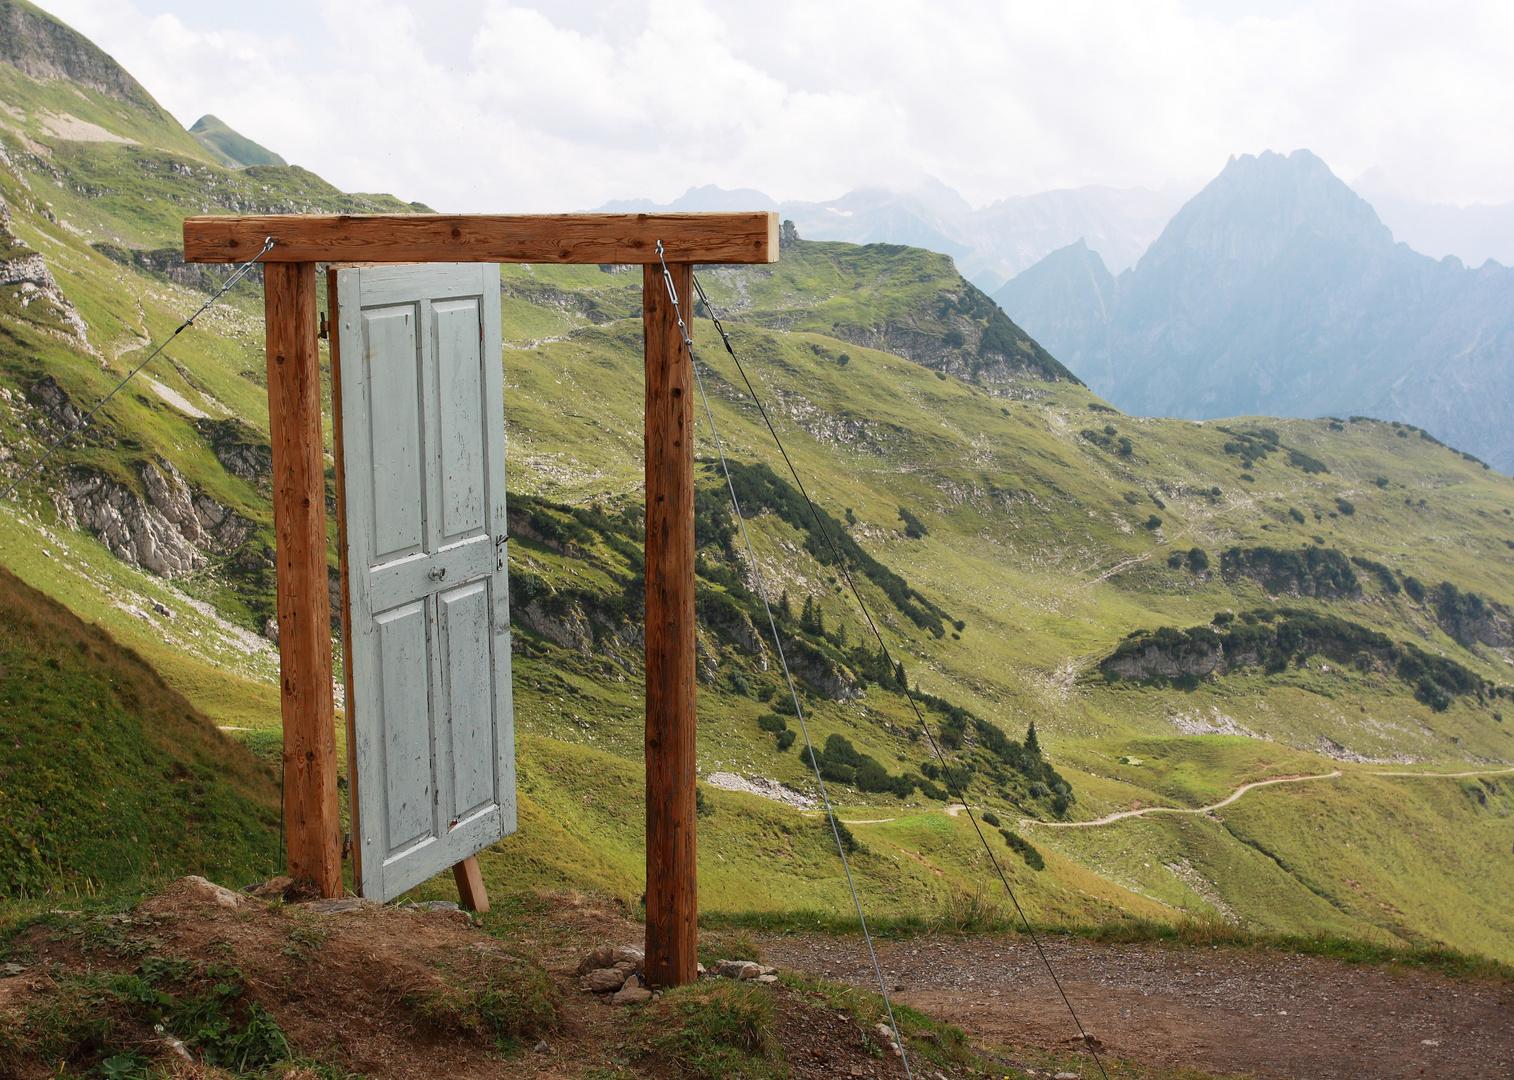 Die Türe zur Bergwelt